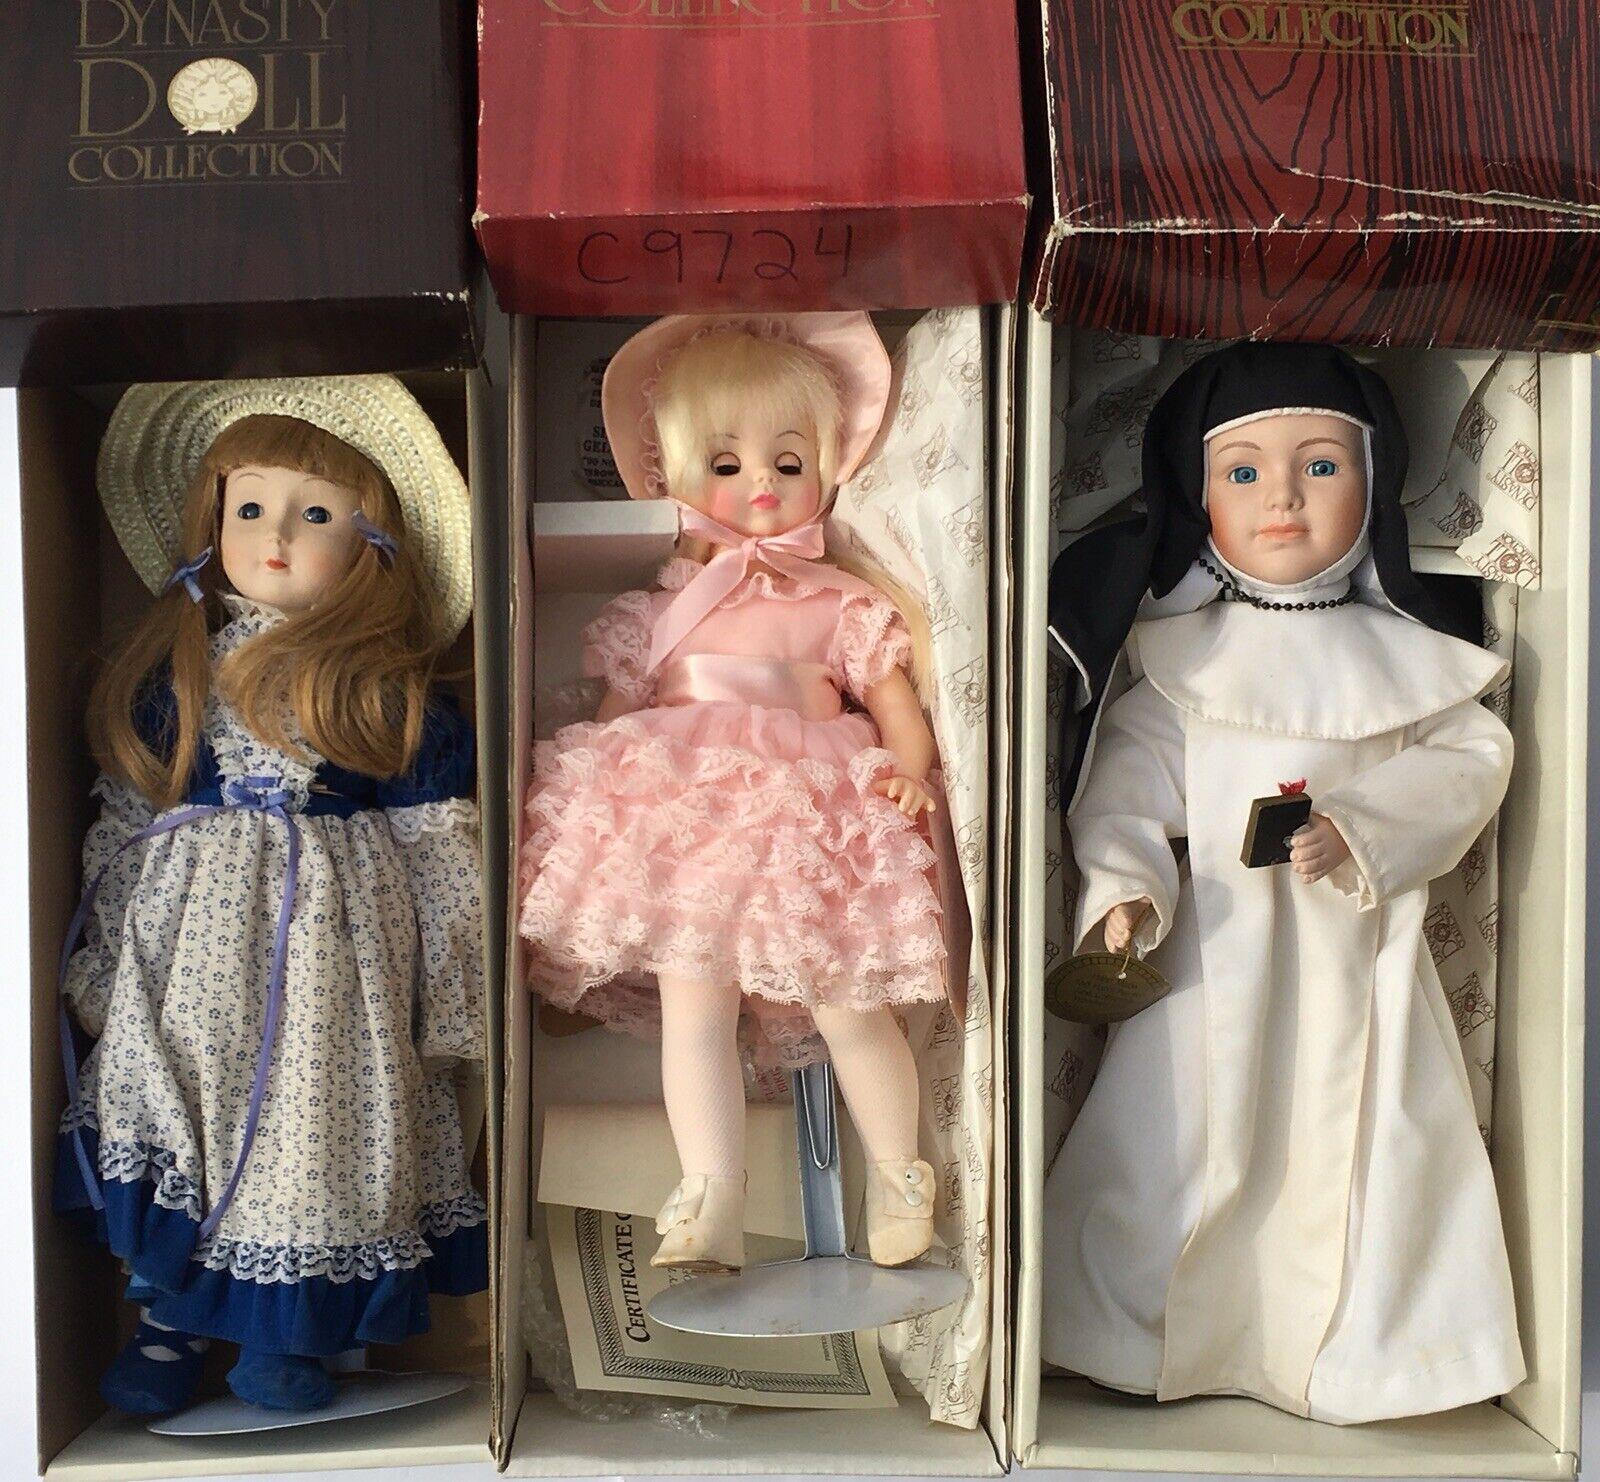 (3) colección muñeca de dinastía Muñecas Miss Julio + Lillian + Monja Con Cajas Originales